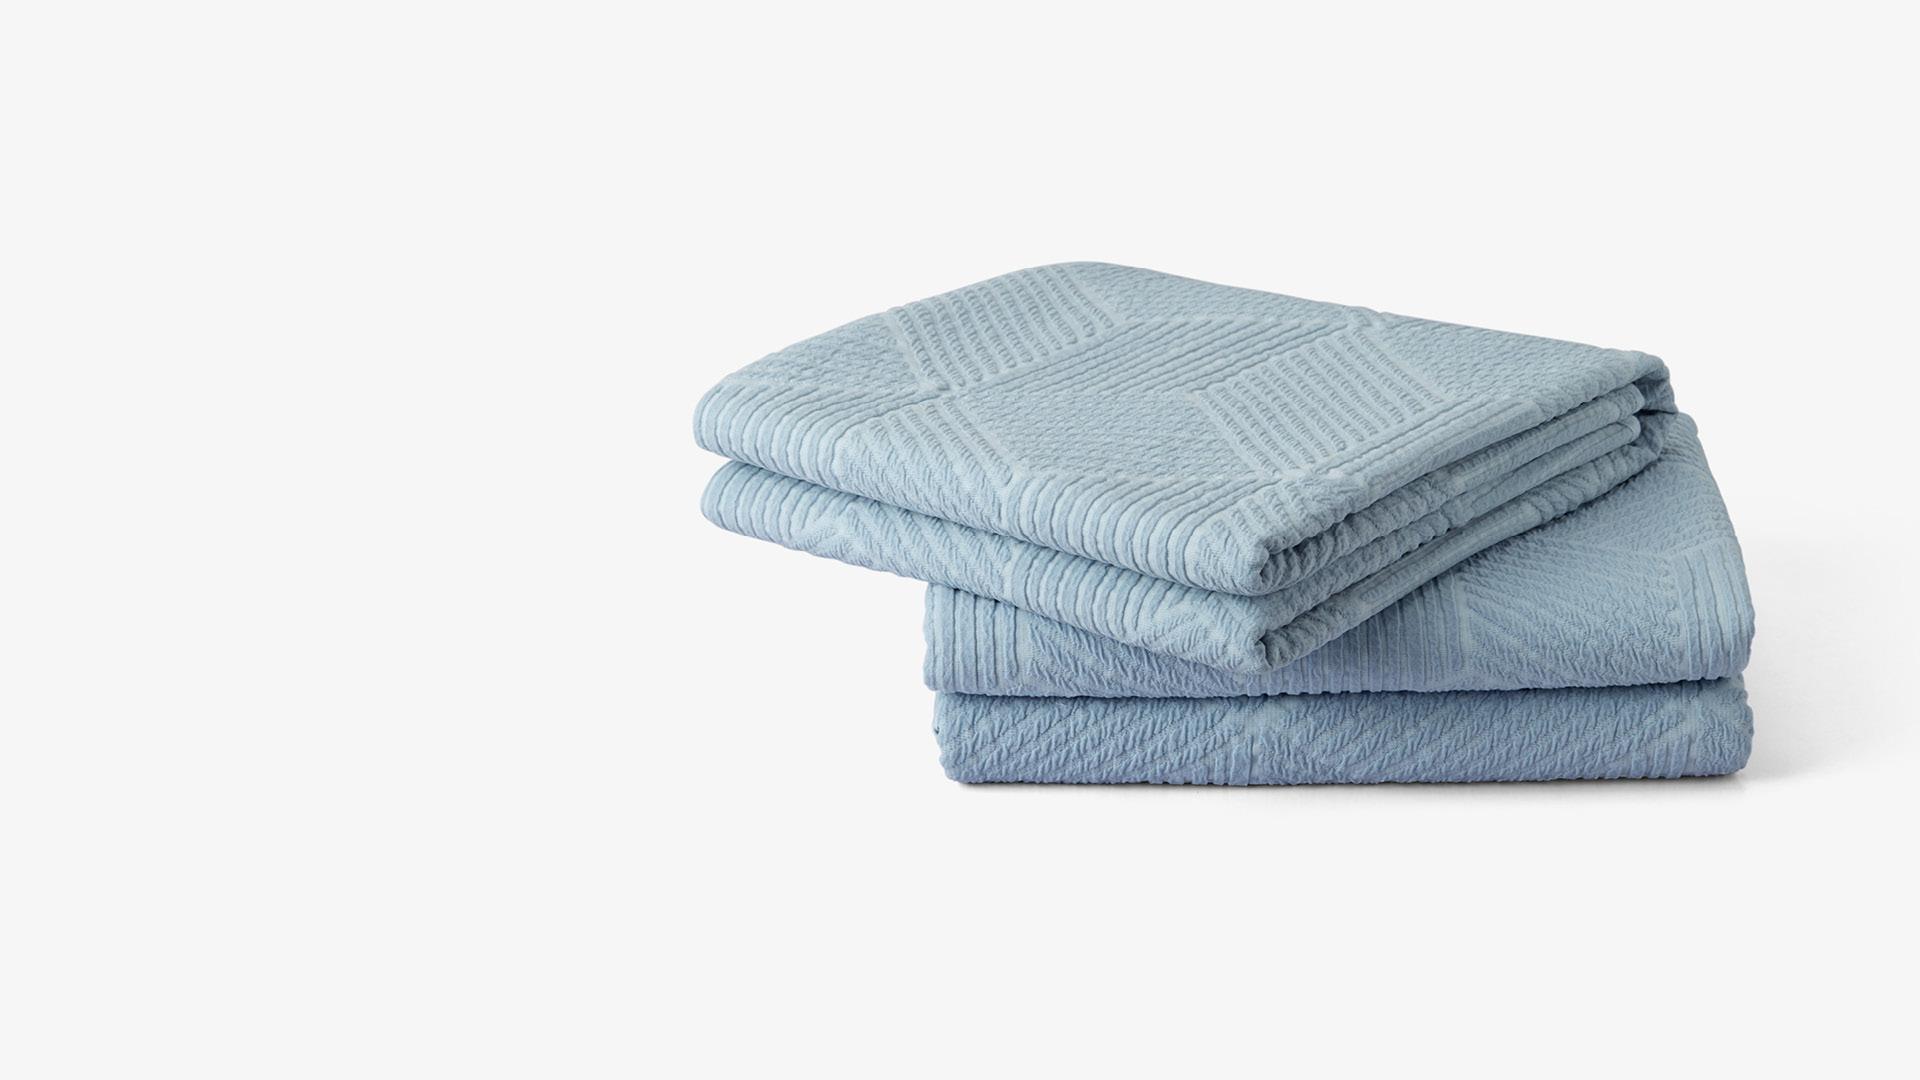 可以直接盖的四季被<br/>兼有床盖、休闲毯、沙发垫等功能